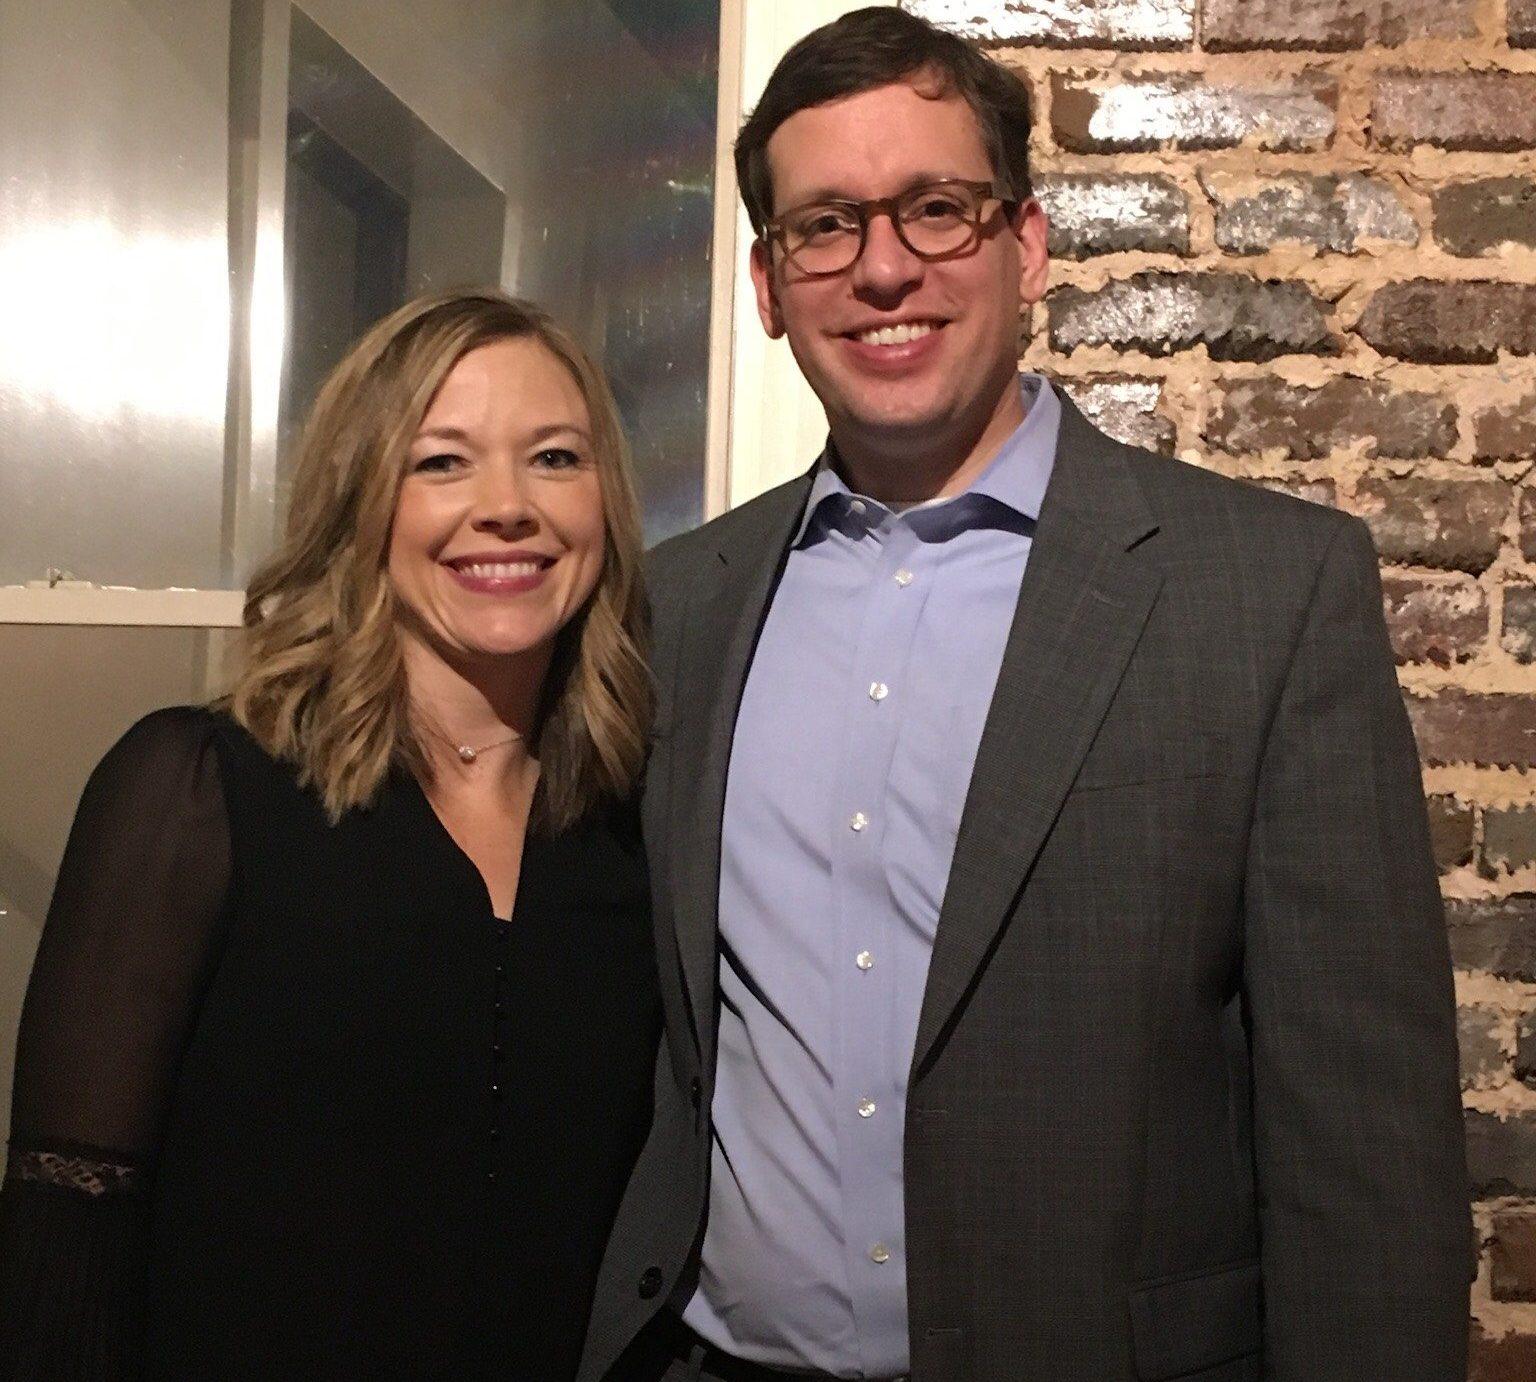 Stacie and Daniel Jackson